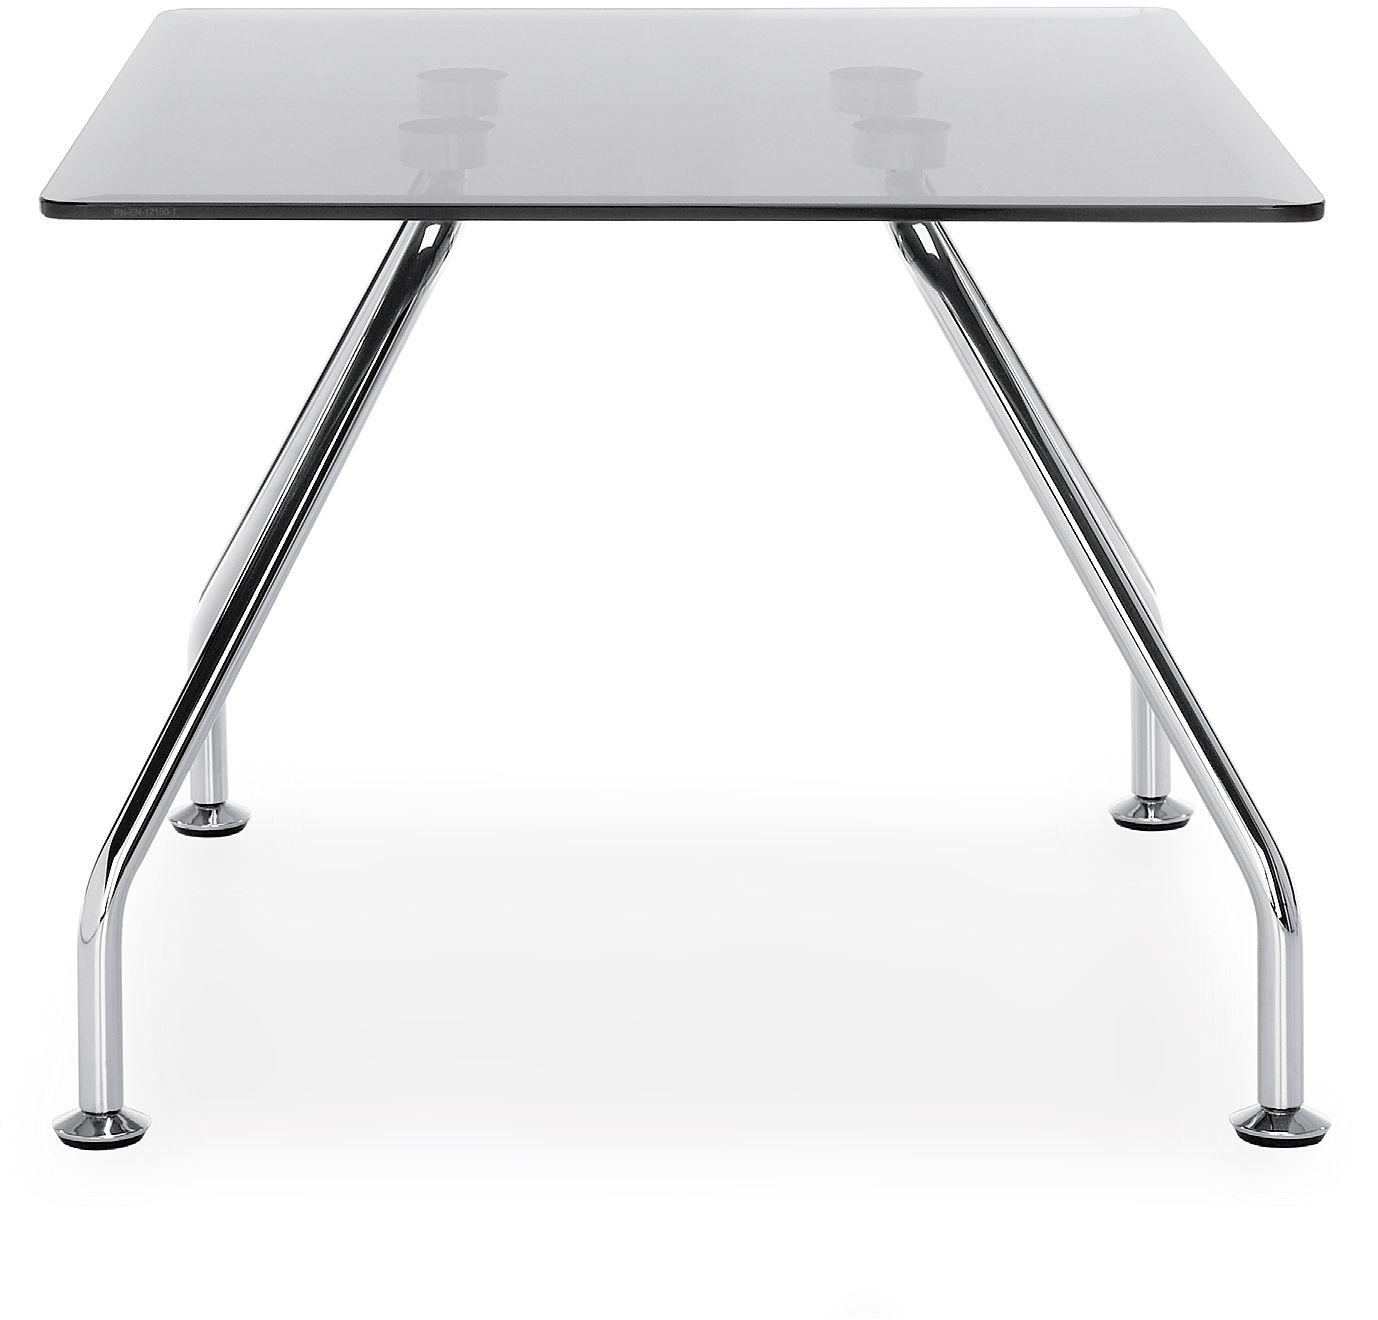 NOWY STYL stół Mody 50x50